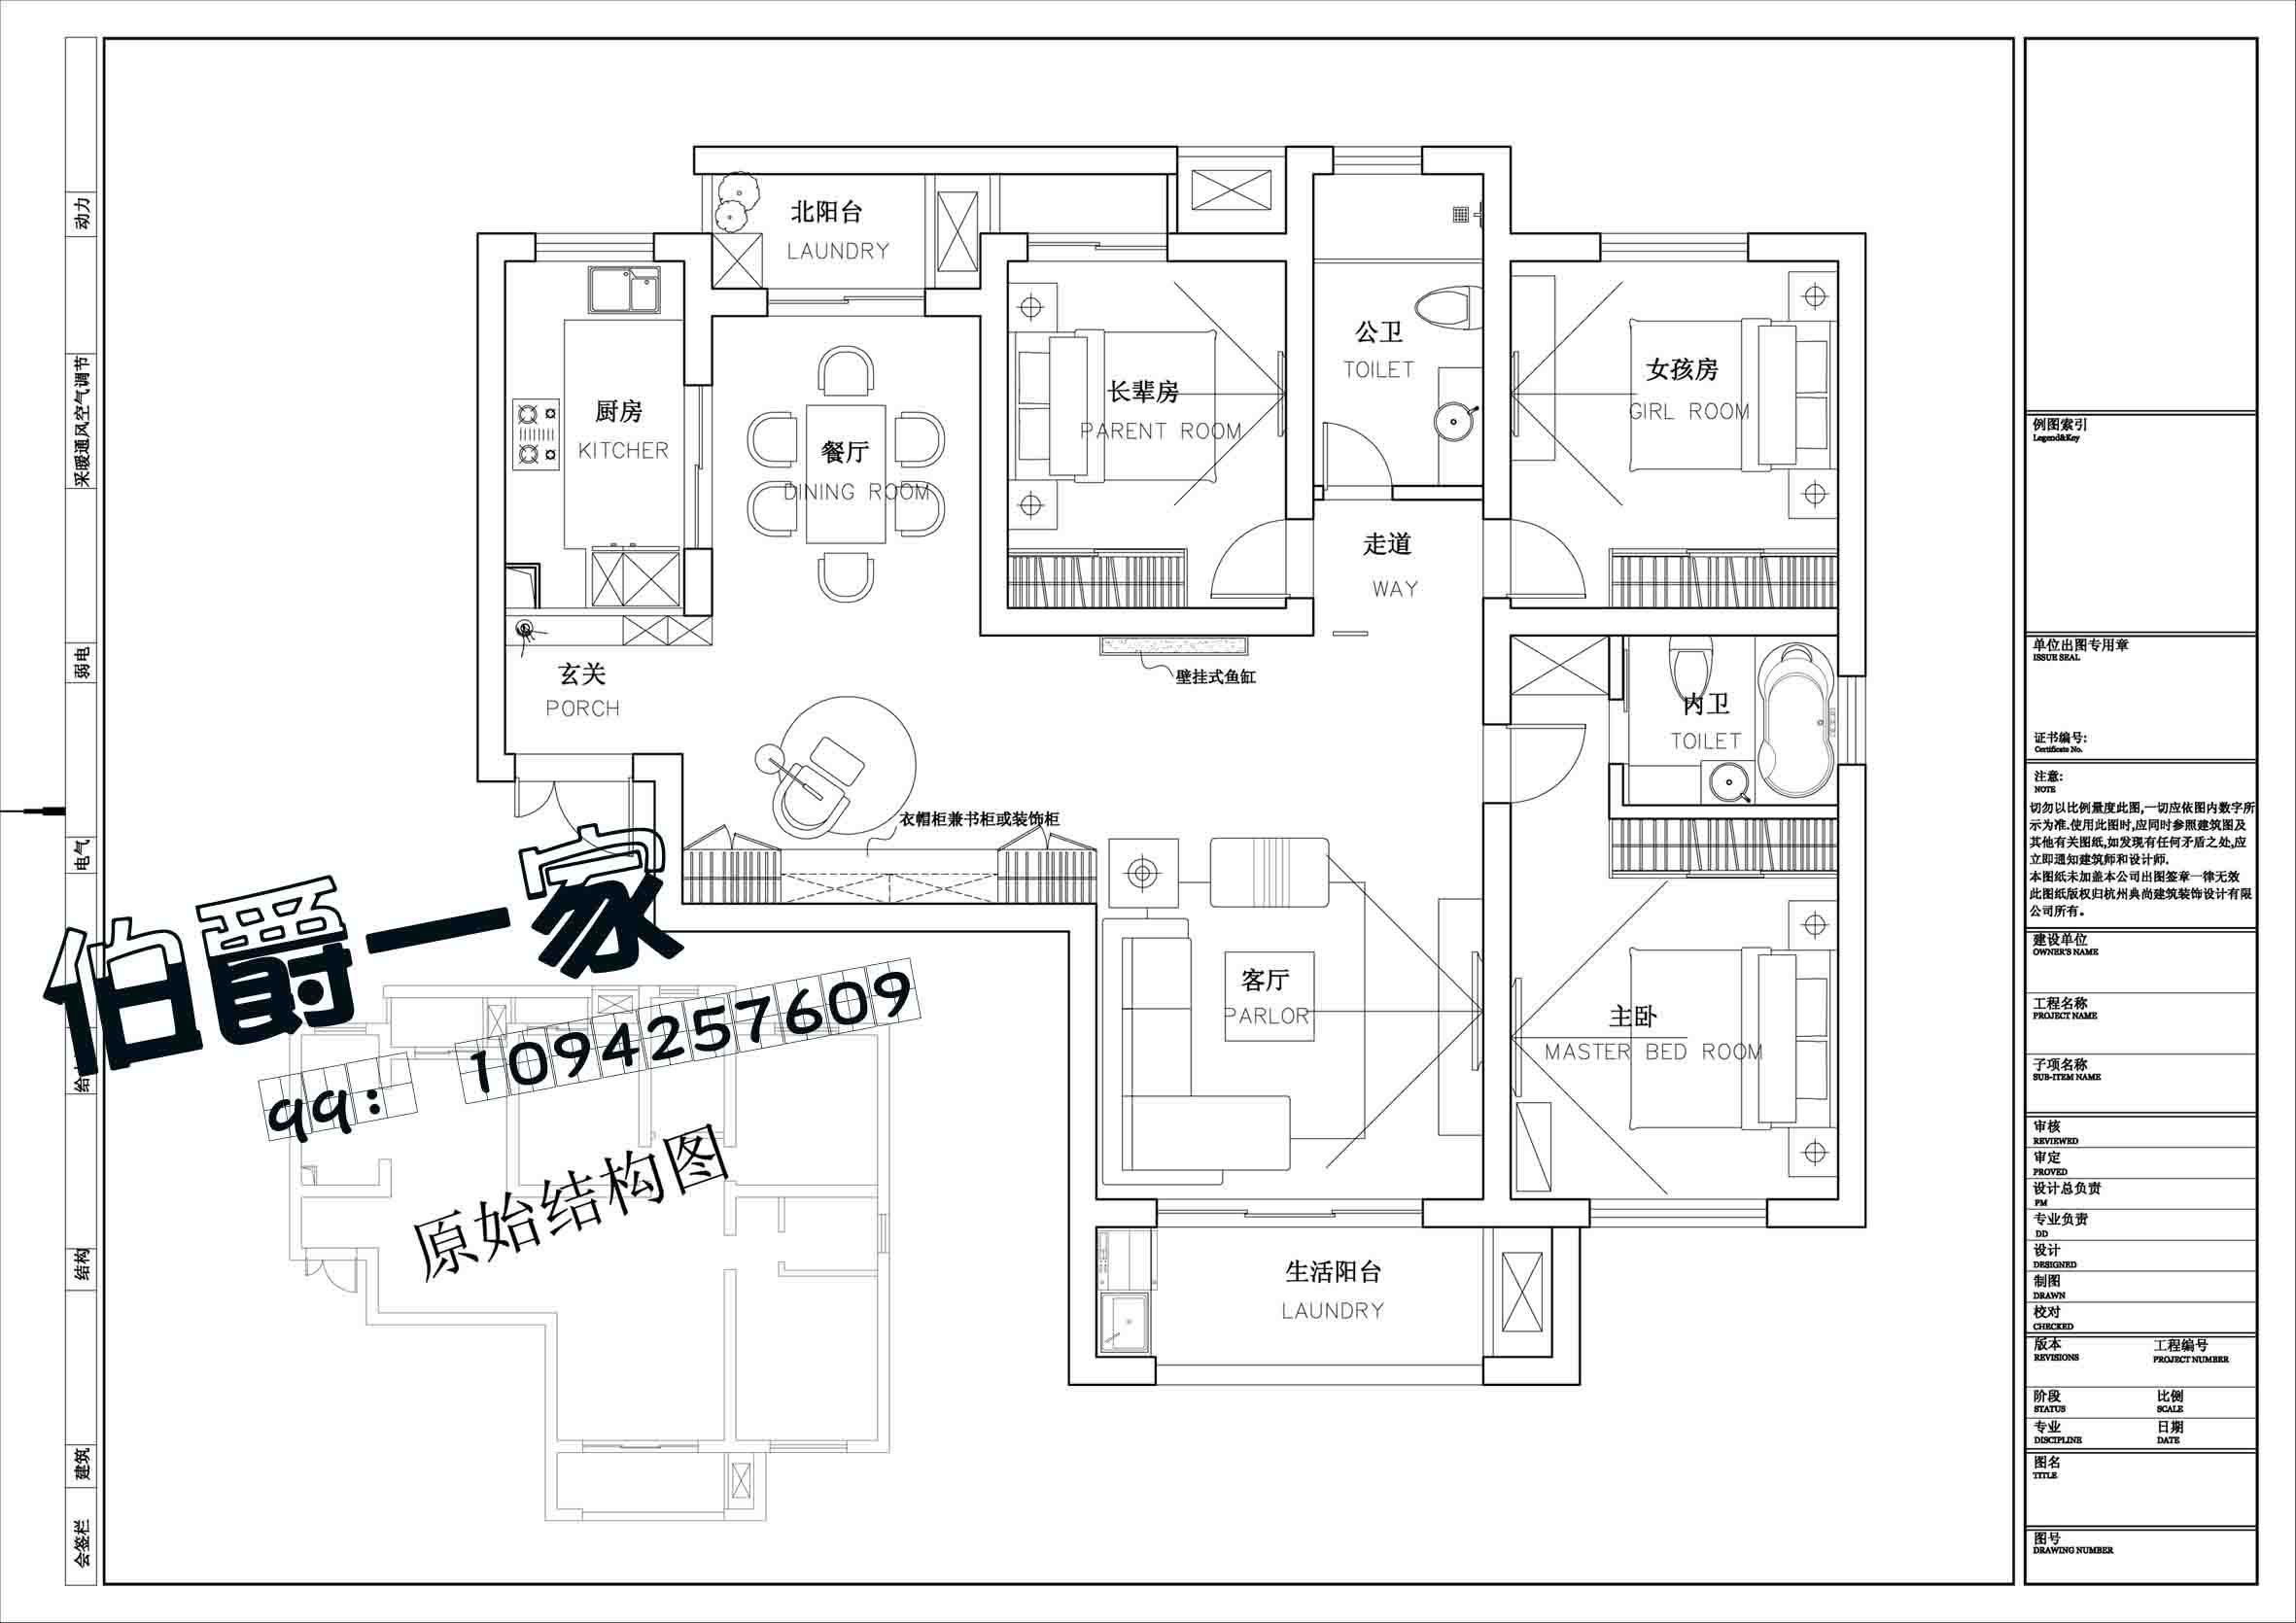 三室两厅房屋装修设计方案_2546706_k68威客网